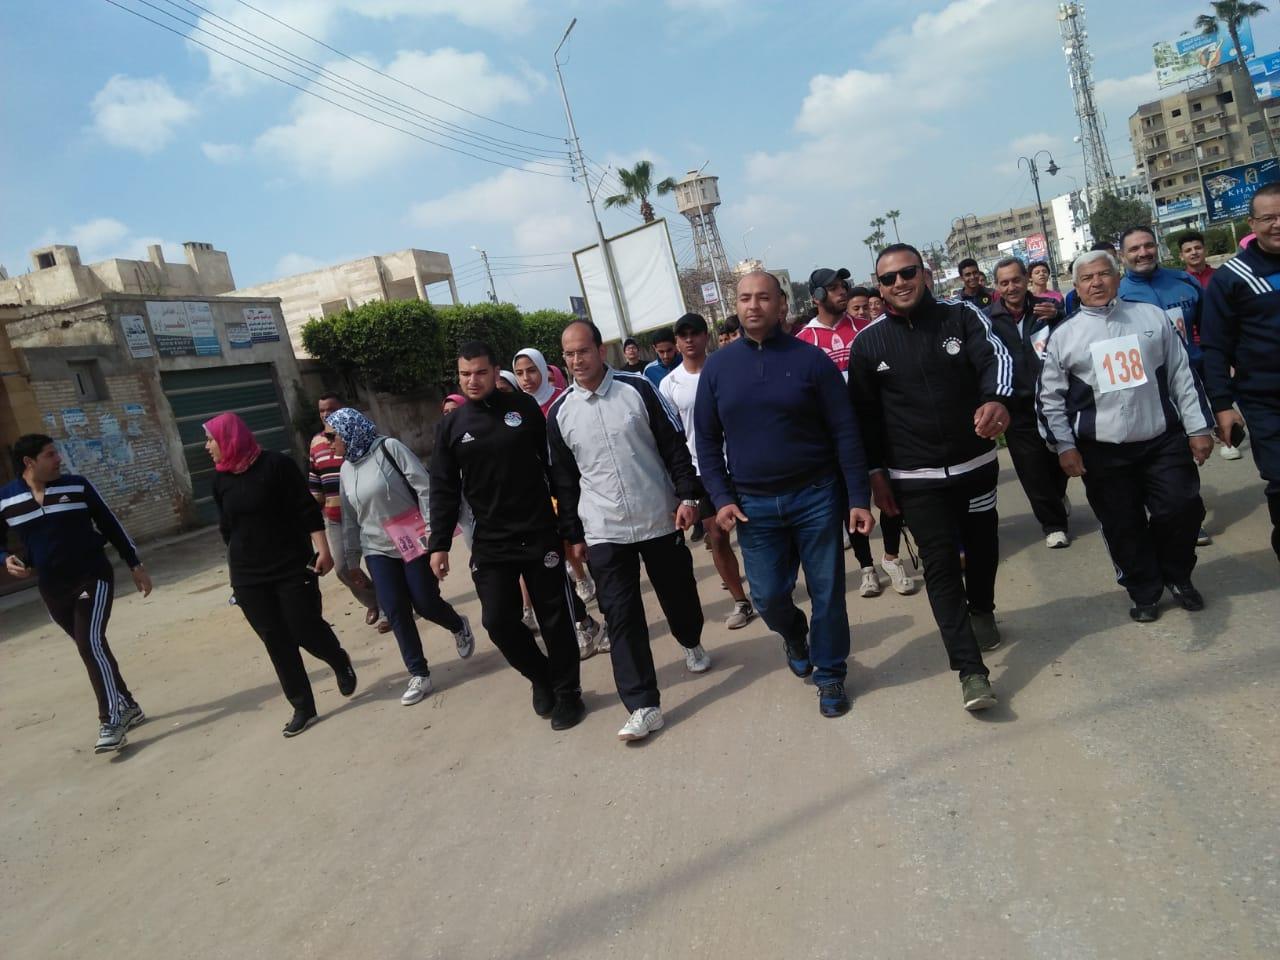 جري ومشي لتنشيط الأحياء السكنية بمدينة كفرالشيخ  (2)